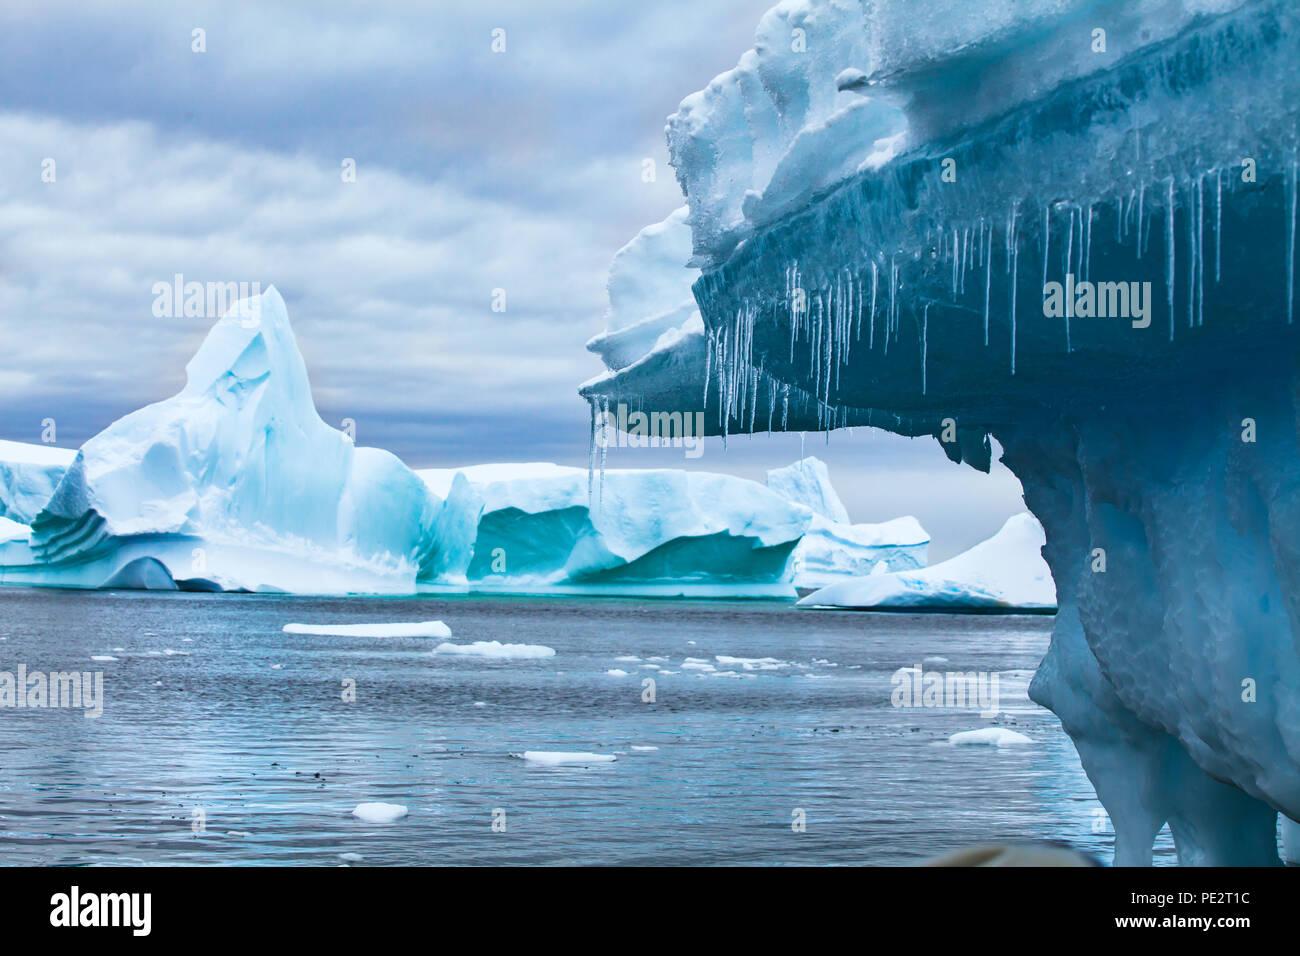 Le réchauffement planétaire et le changement climatique, la fonte des icebergs concept dans l'Antarctique Photo Stock